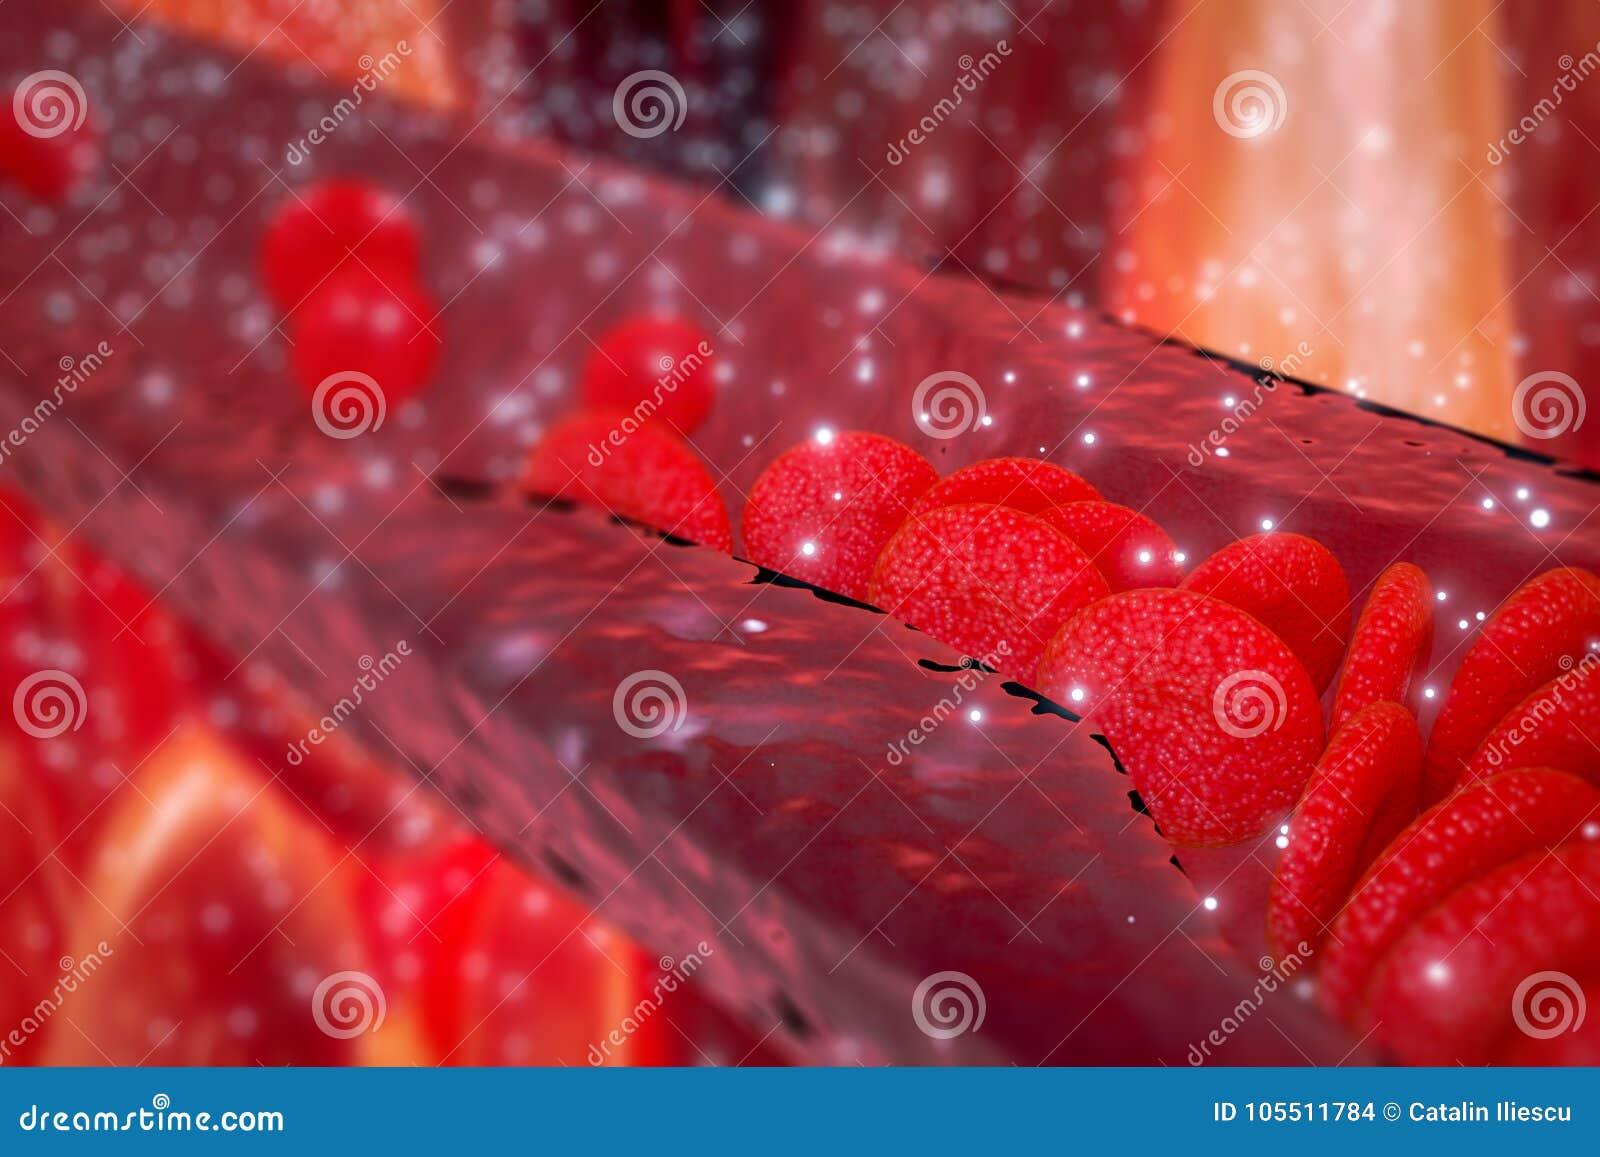 Kolesterolplatta i artären, blodkärl med flödande blodceller